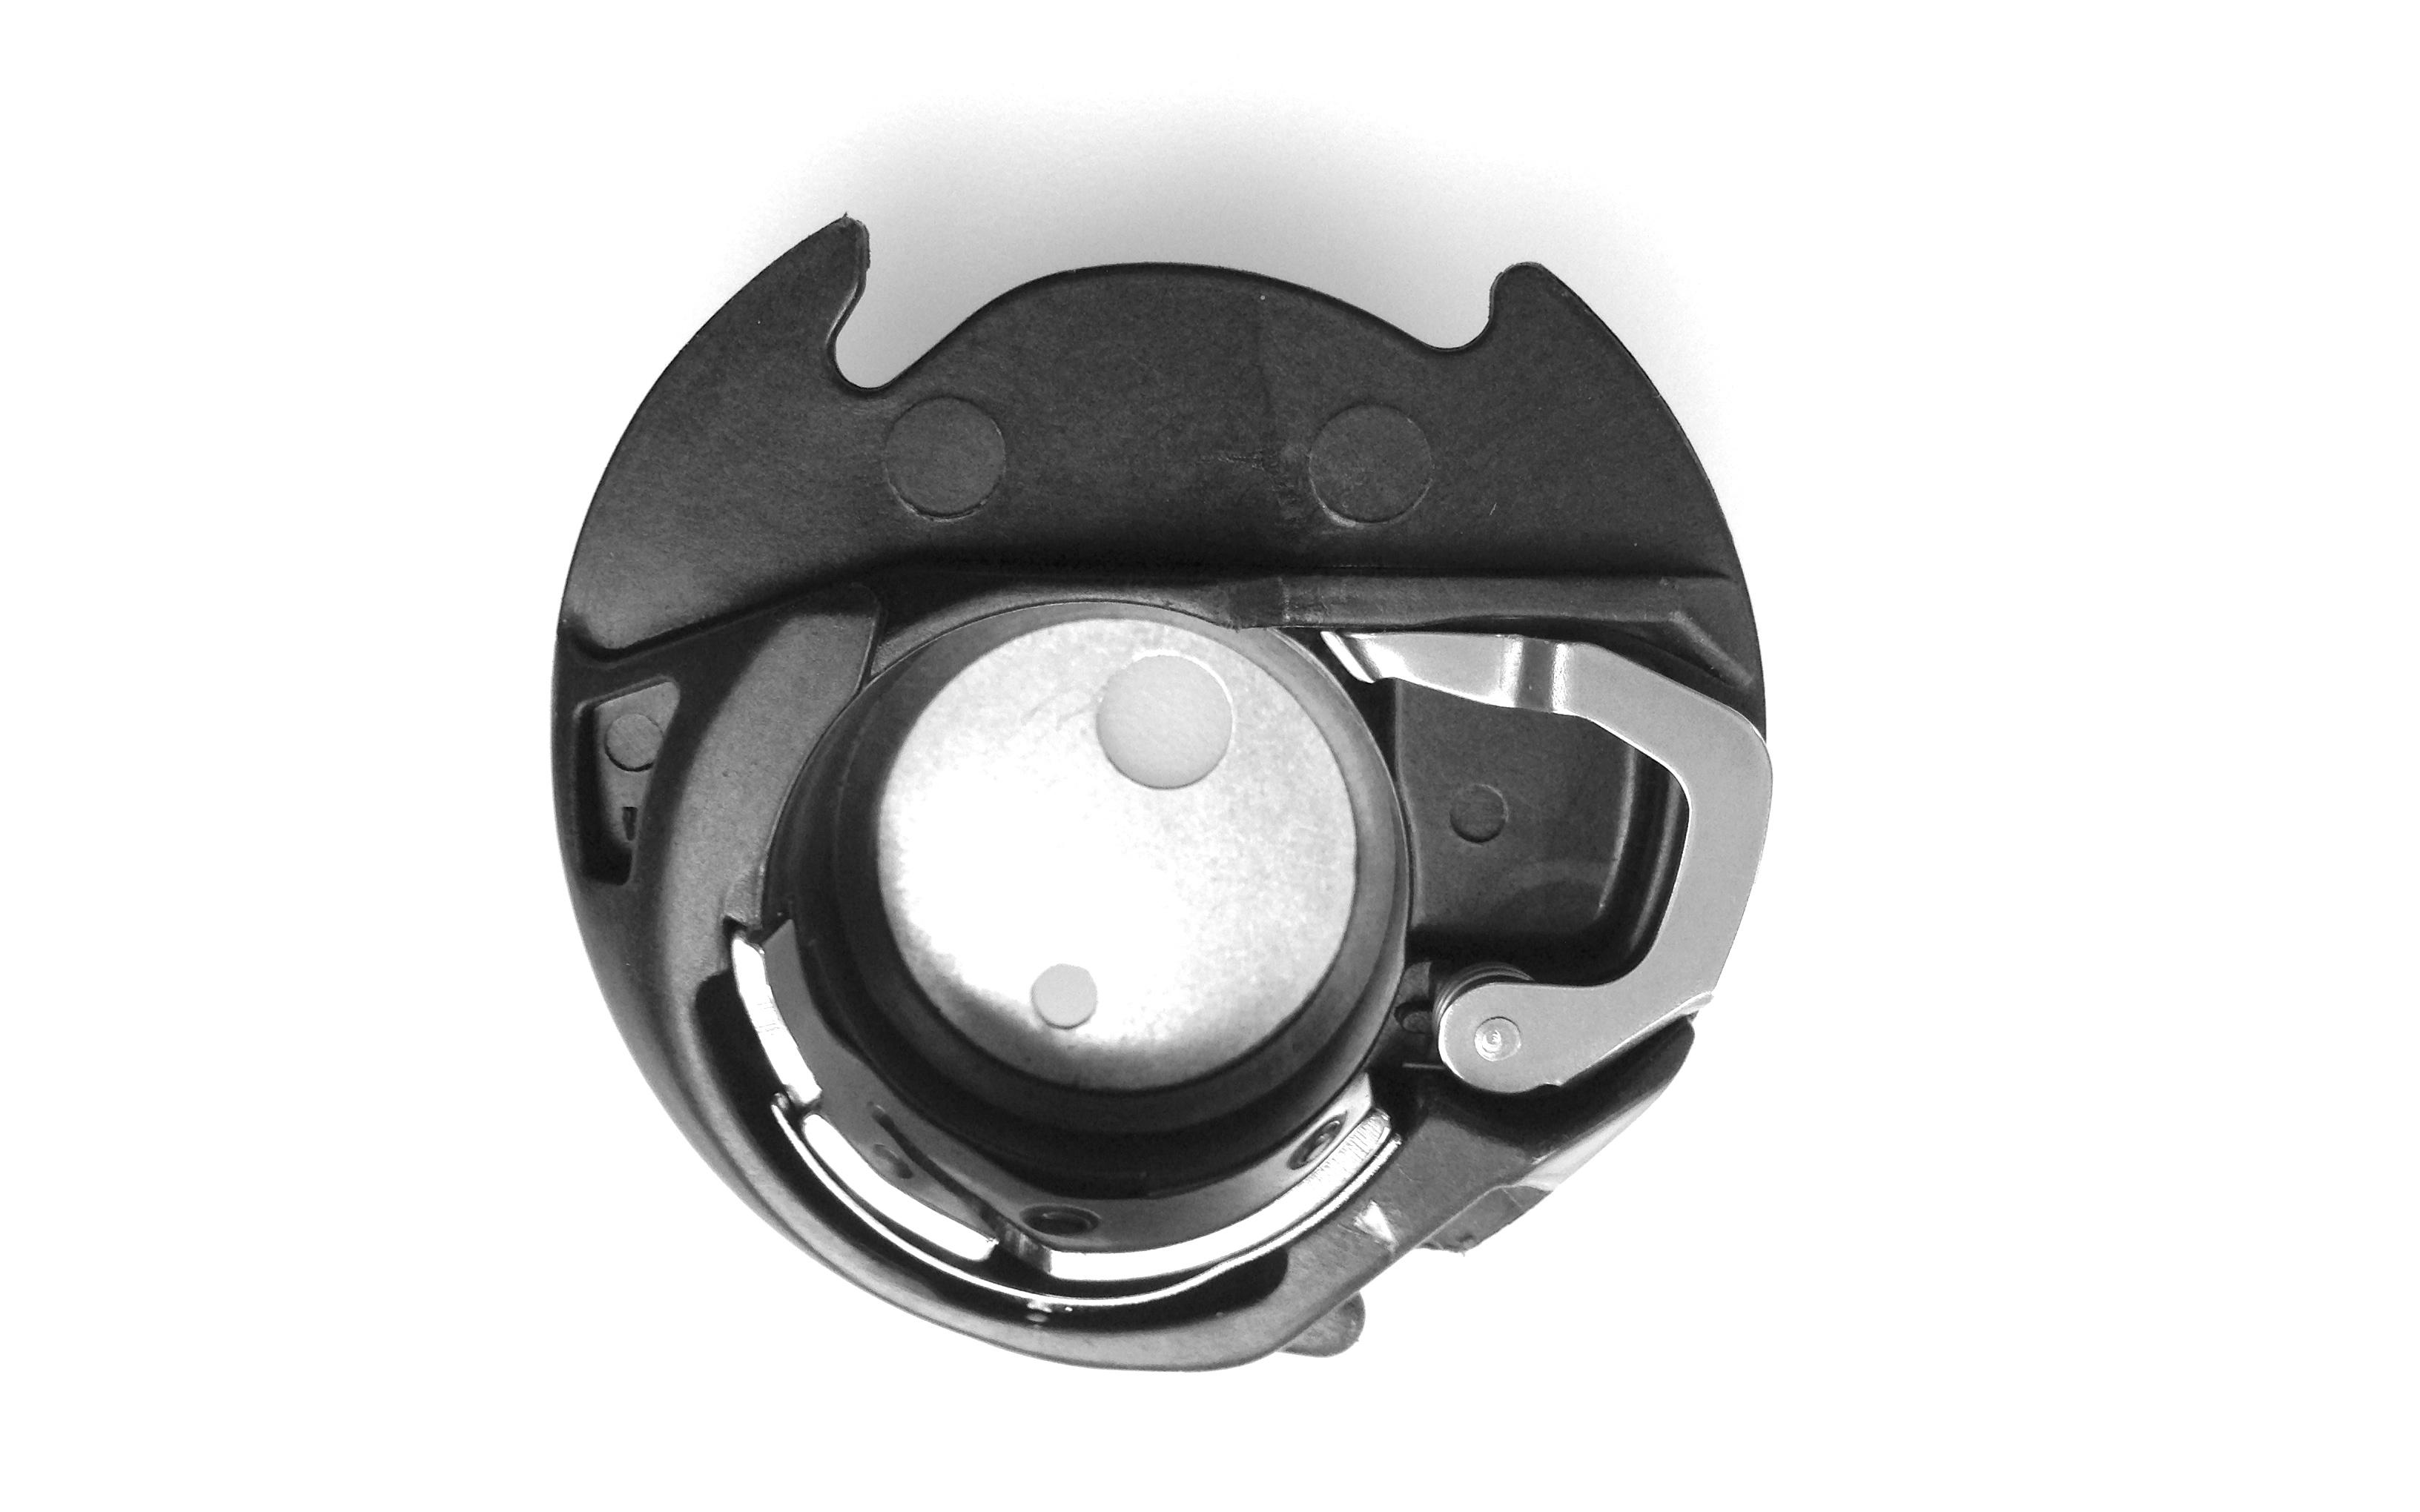 Spulenkapsel für Singer Nähmaschine Laufkapsel Kapsel Spulenträger